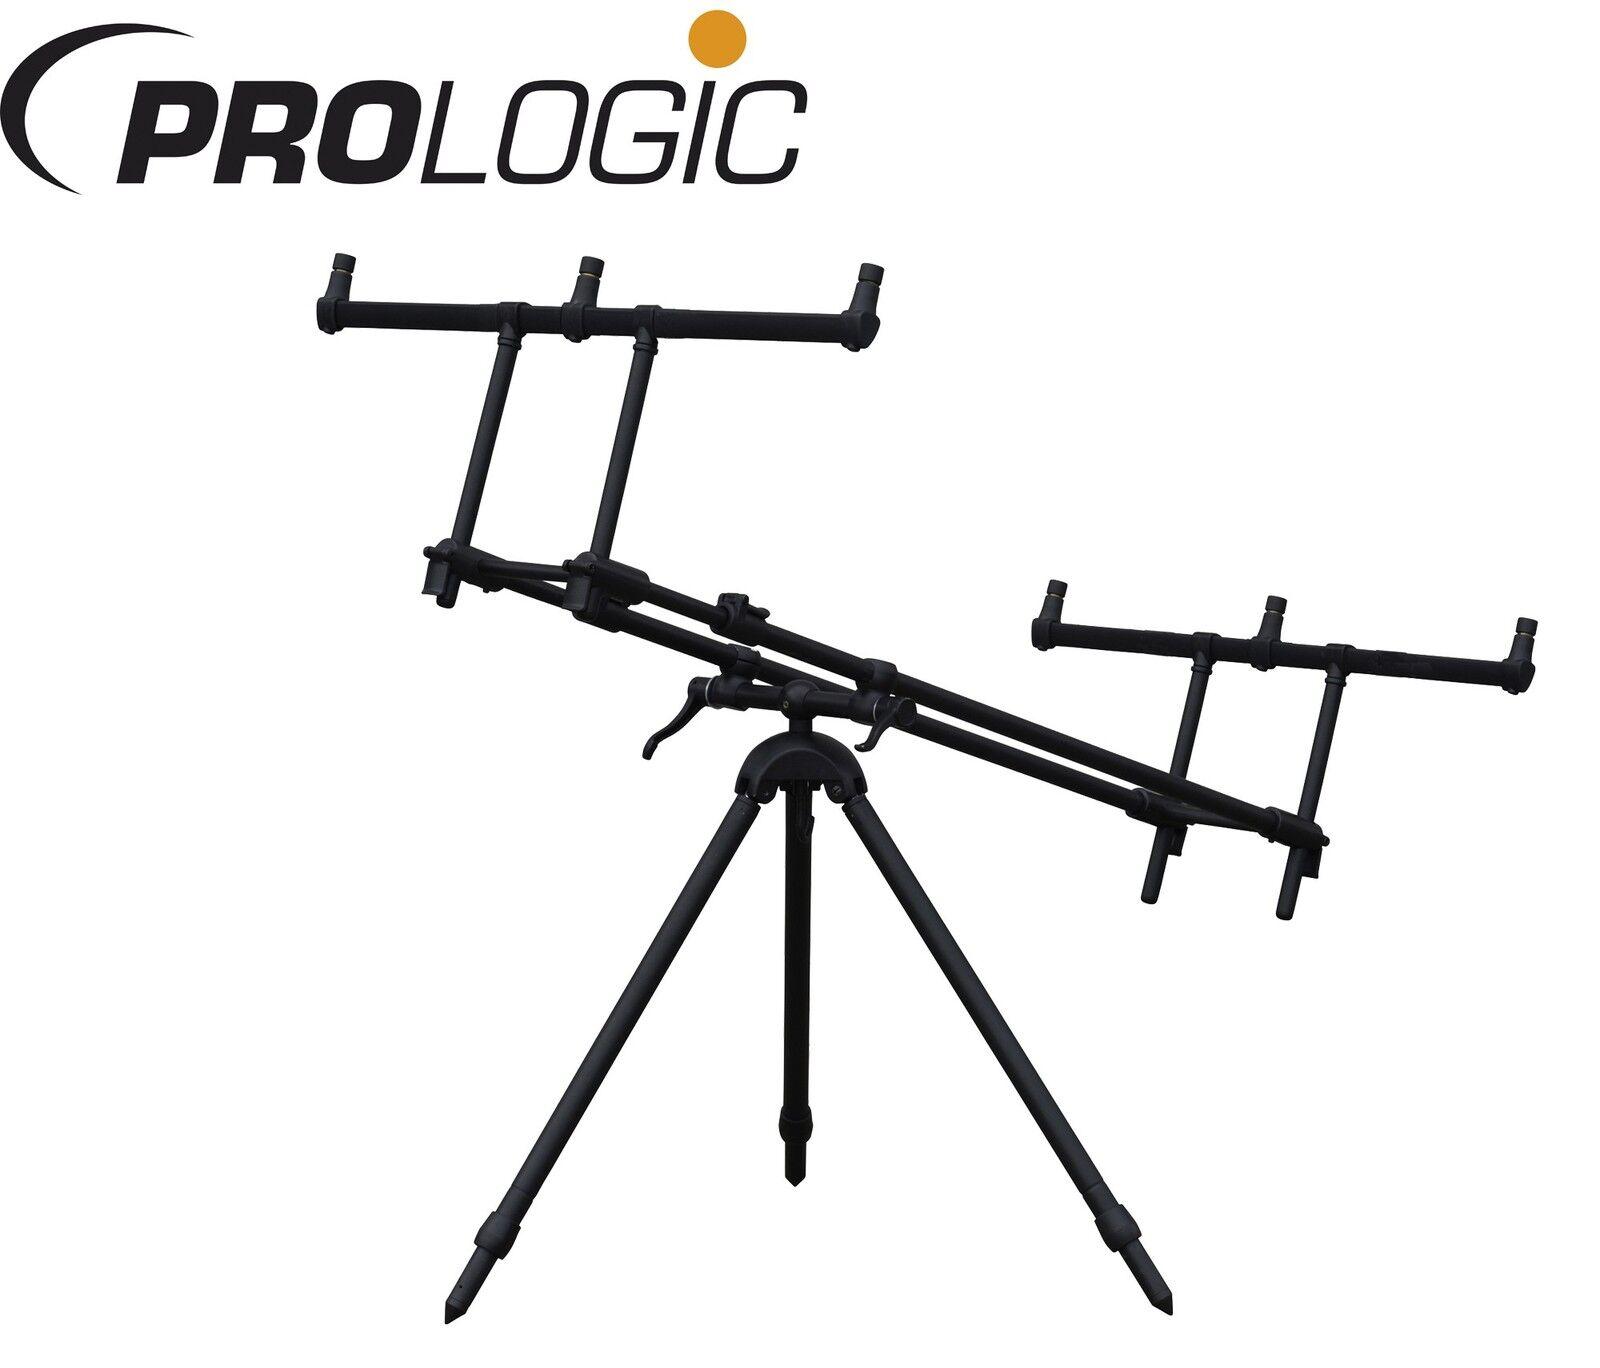 Prologic Tri-Lux Rod Pod für 3 Karpfenruten, Rutenständer für für Rutenständer Angelruten 2a166c